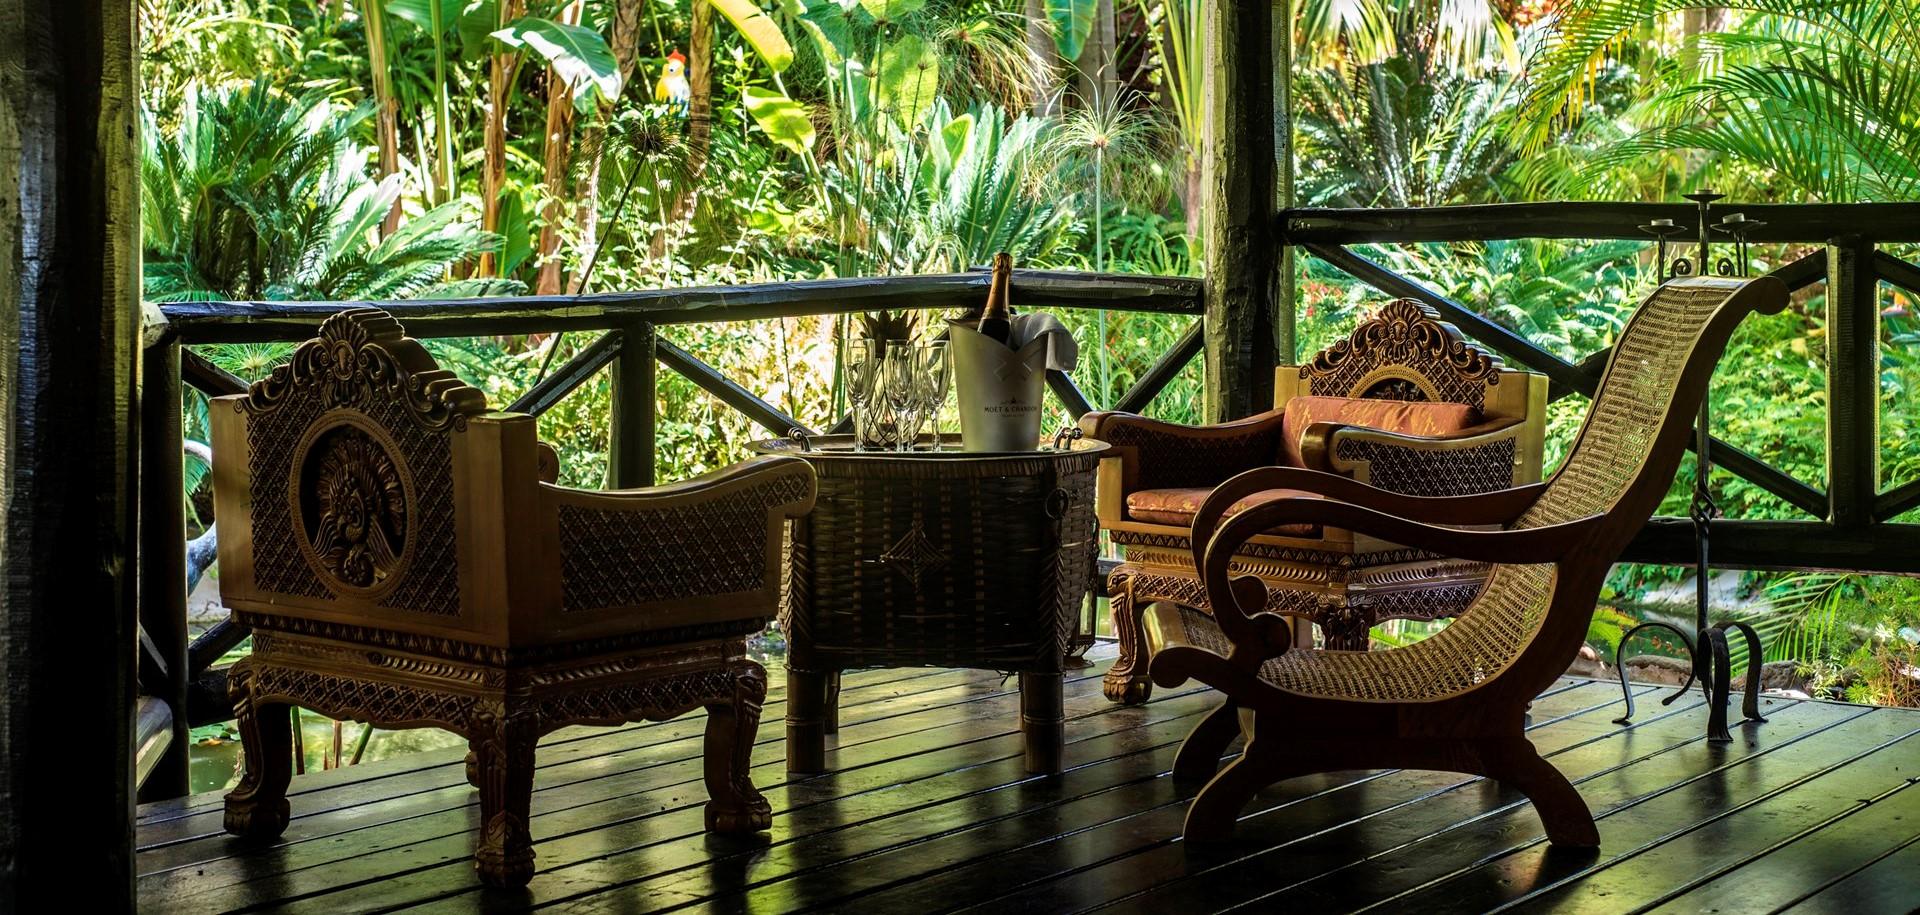 villa-marbella-garden-gazebo-seating